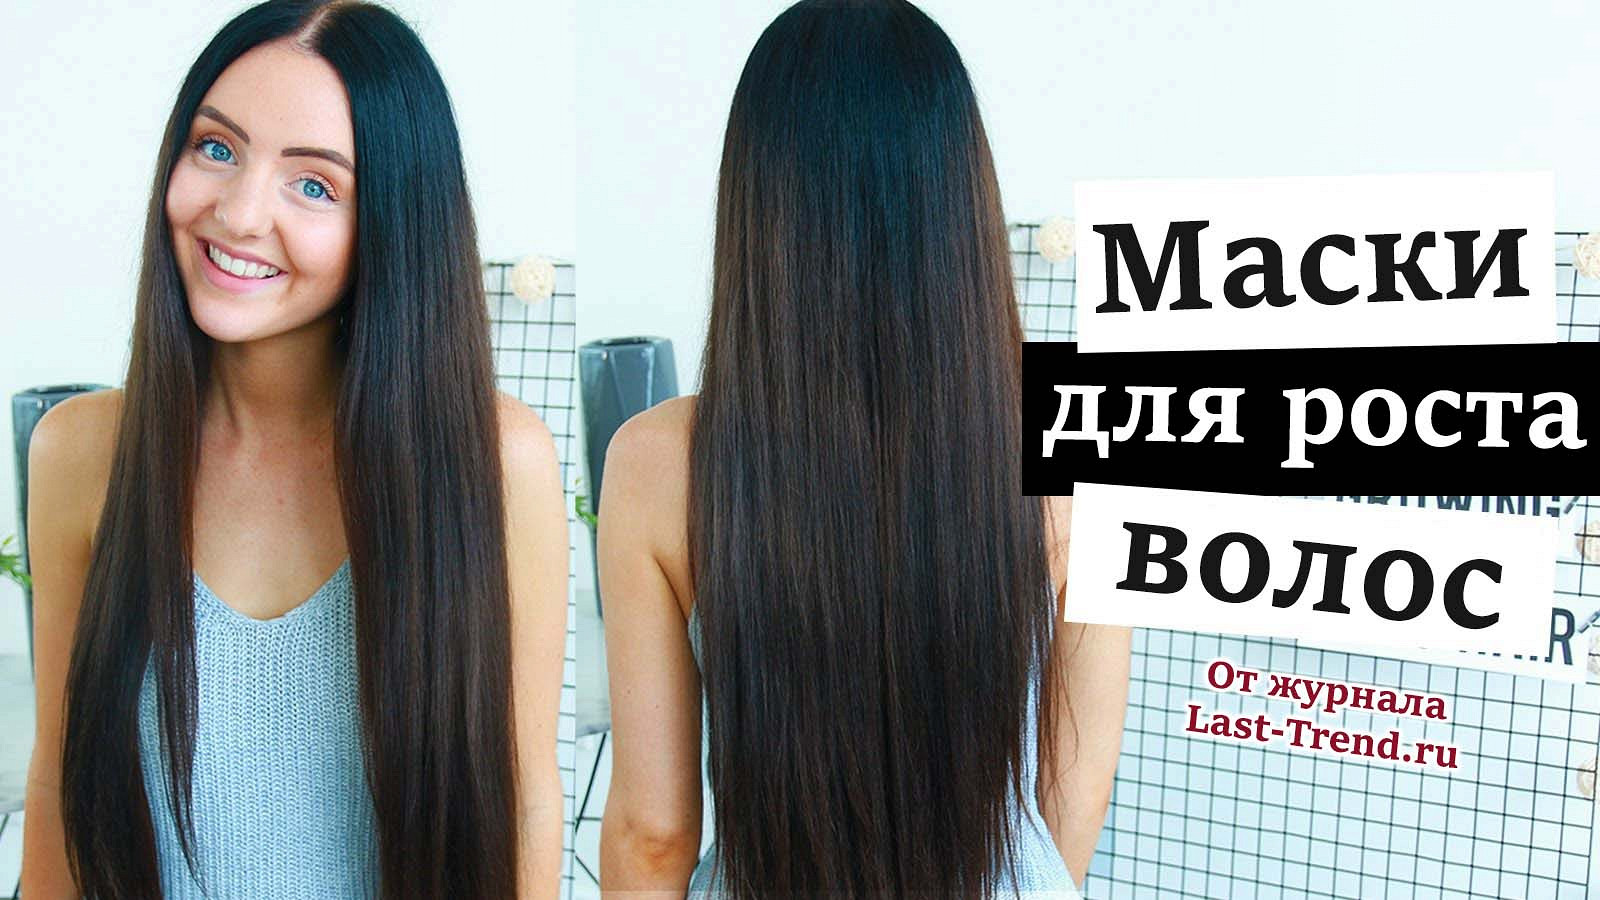 Маски для густоты волос в домашних условиях с кефиром